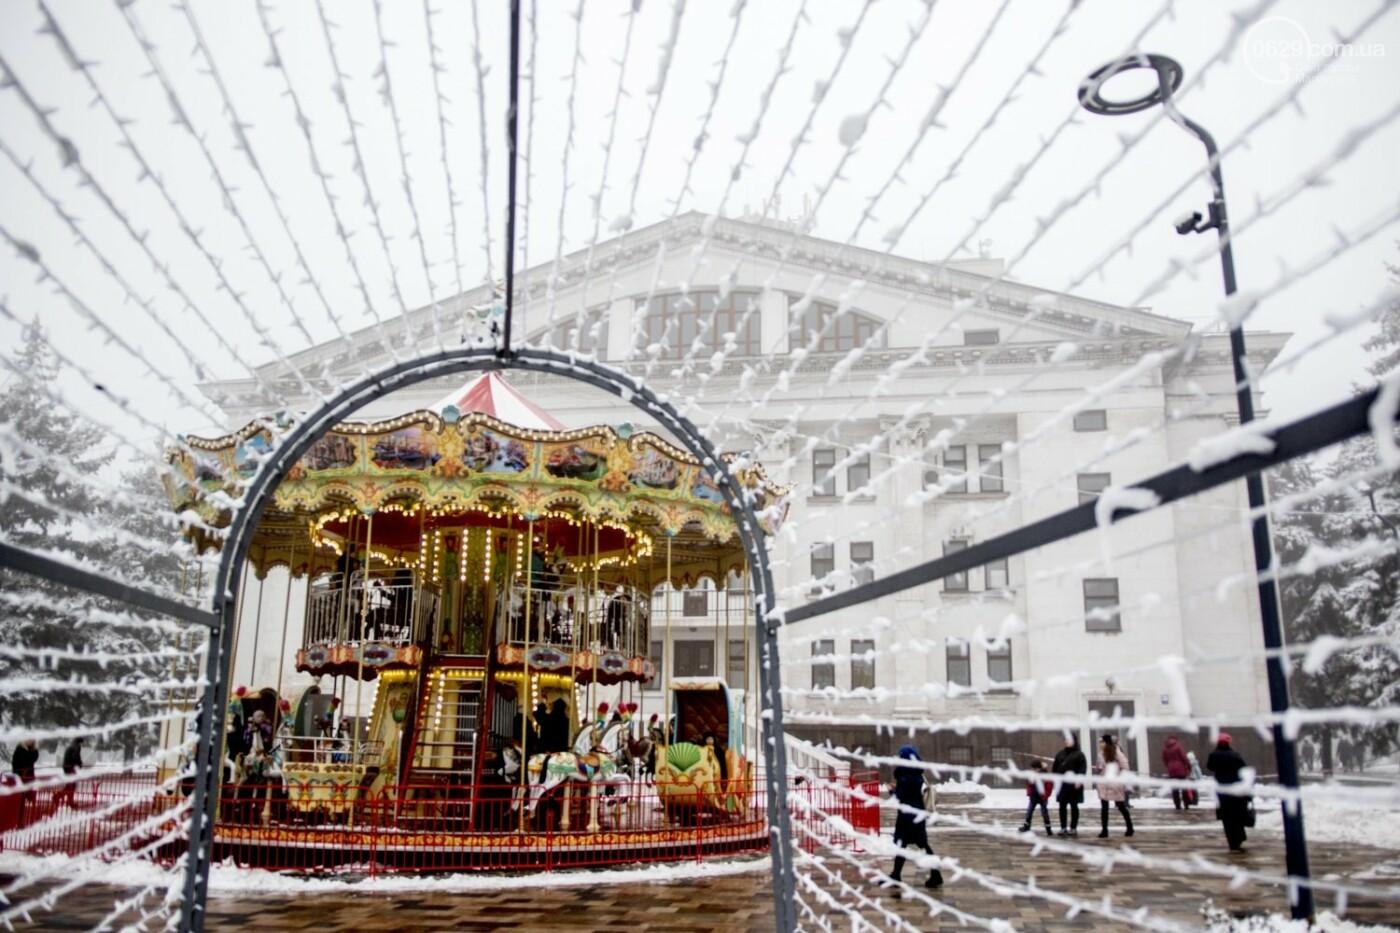 38 фотографий, одна ворона и одна синица... ФОТОРЕПОРТАЖ для тех, кто проспал первый настоящий снег, фото-37